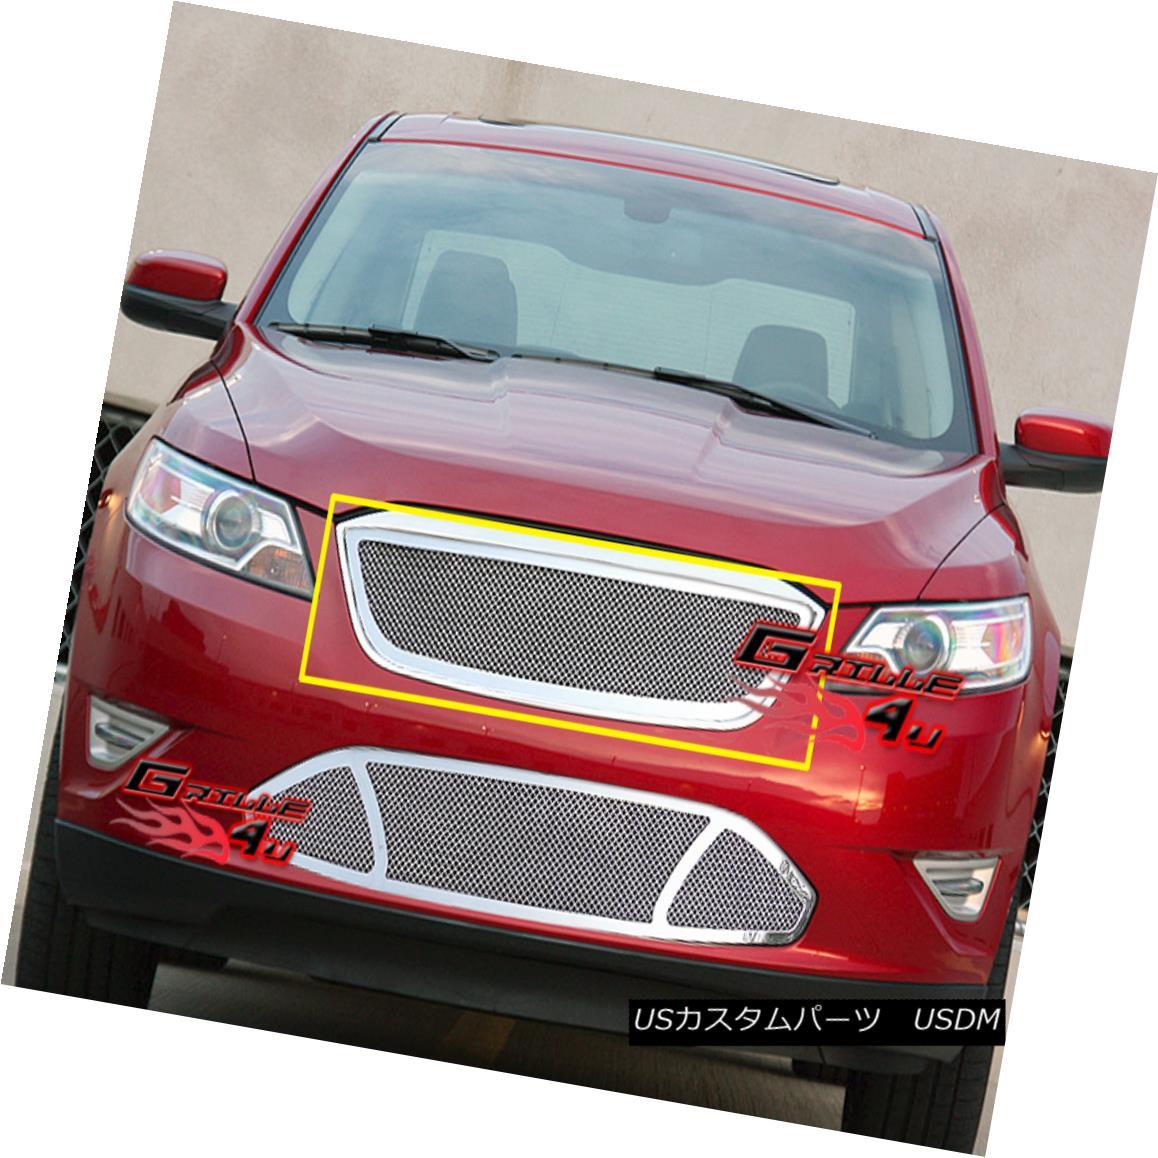 グリル Fits 2009-2011 Ford Taurus SHO Stainless Steel Mesh Grille Grill Insert フィット2009-2011フォードトーラスSHOステンレスメッシュグリルグリルインサート